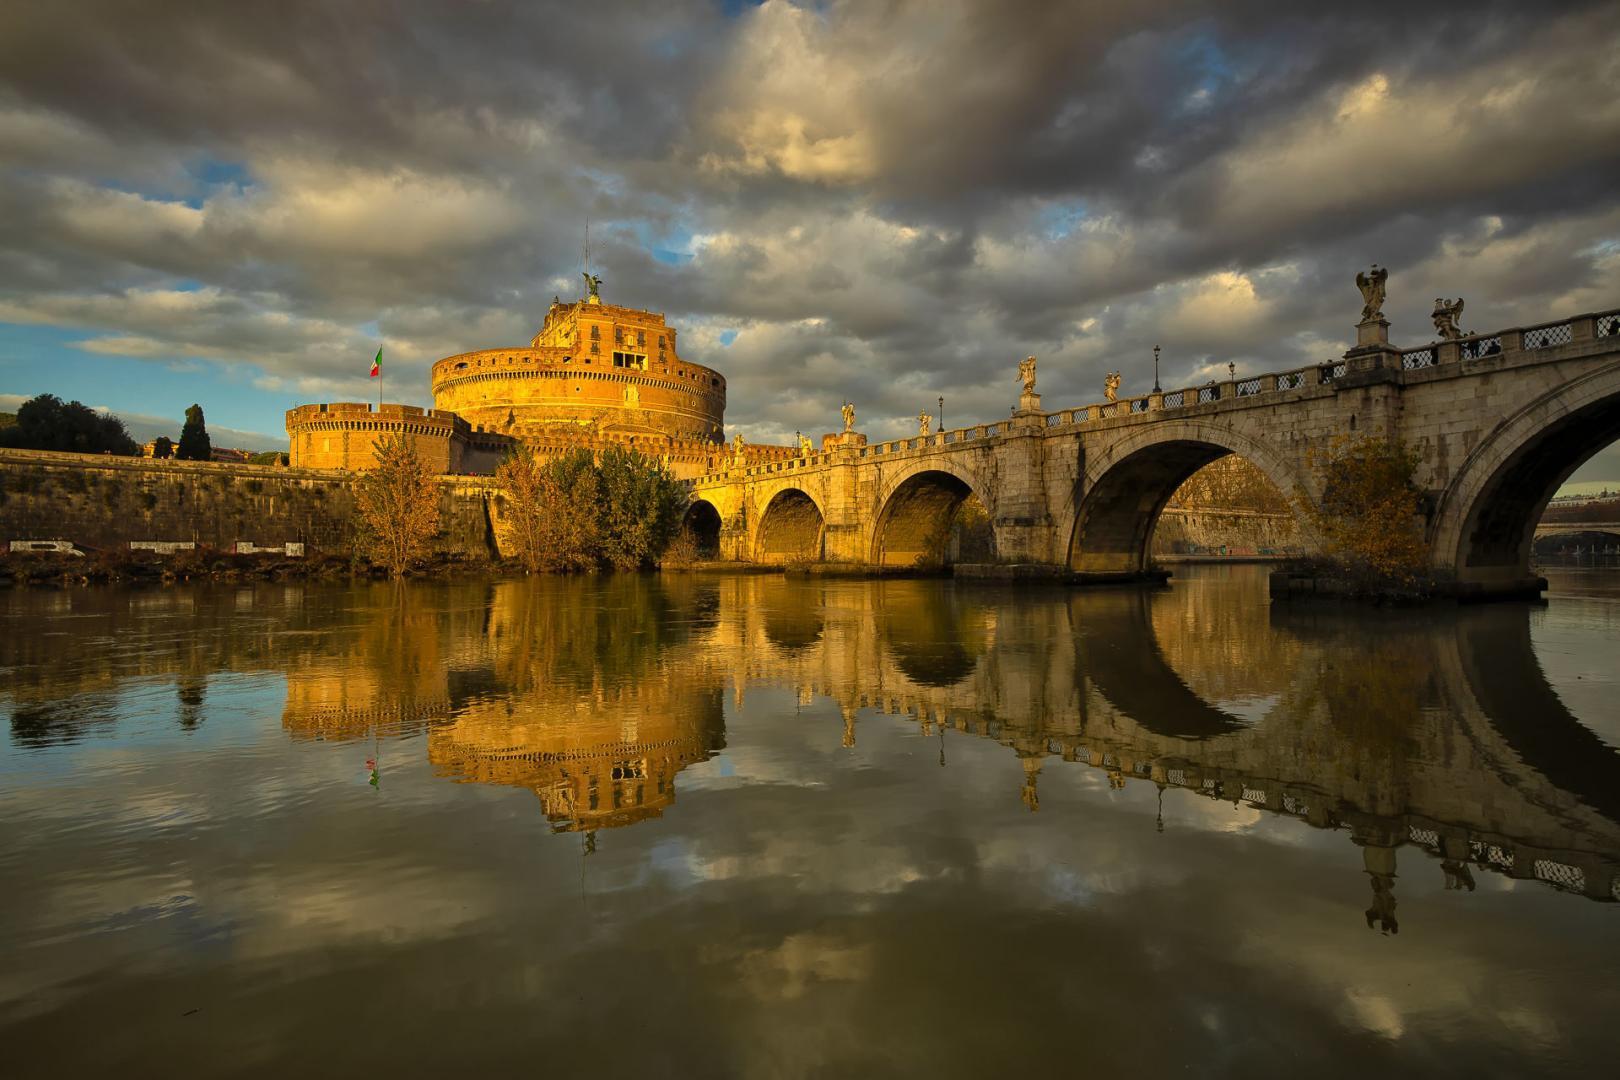 Warm winterlicht valt op Castel Sant'Angelo in Rome met de Ponte Sant'Angelo en de Tiber rivier op de voorgrond - Gemaakt met de Canon EOS R en Canon RF 15-35mm f/2.8 L IS op 18mm, f/10 en iso 100.